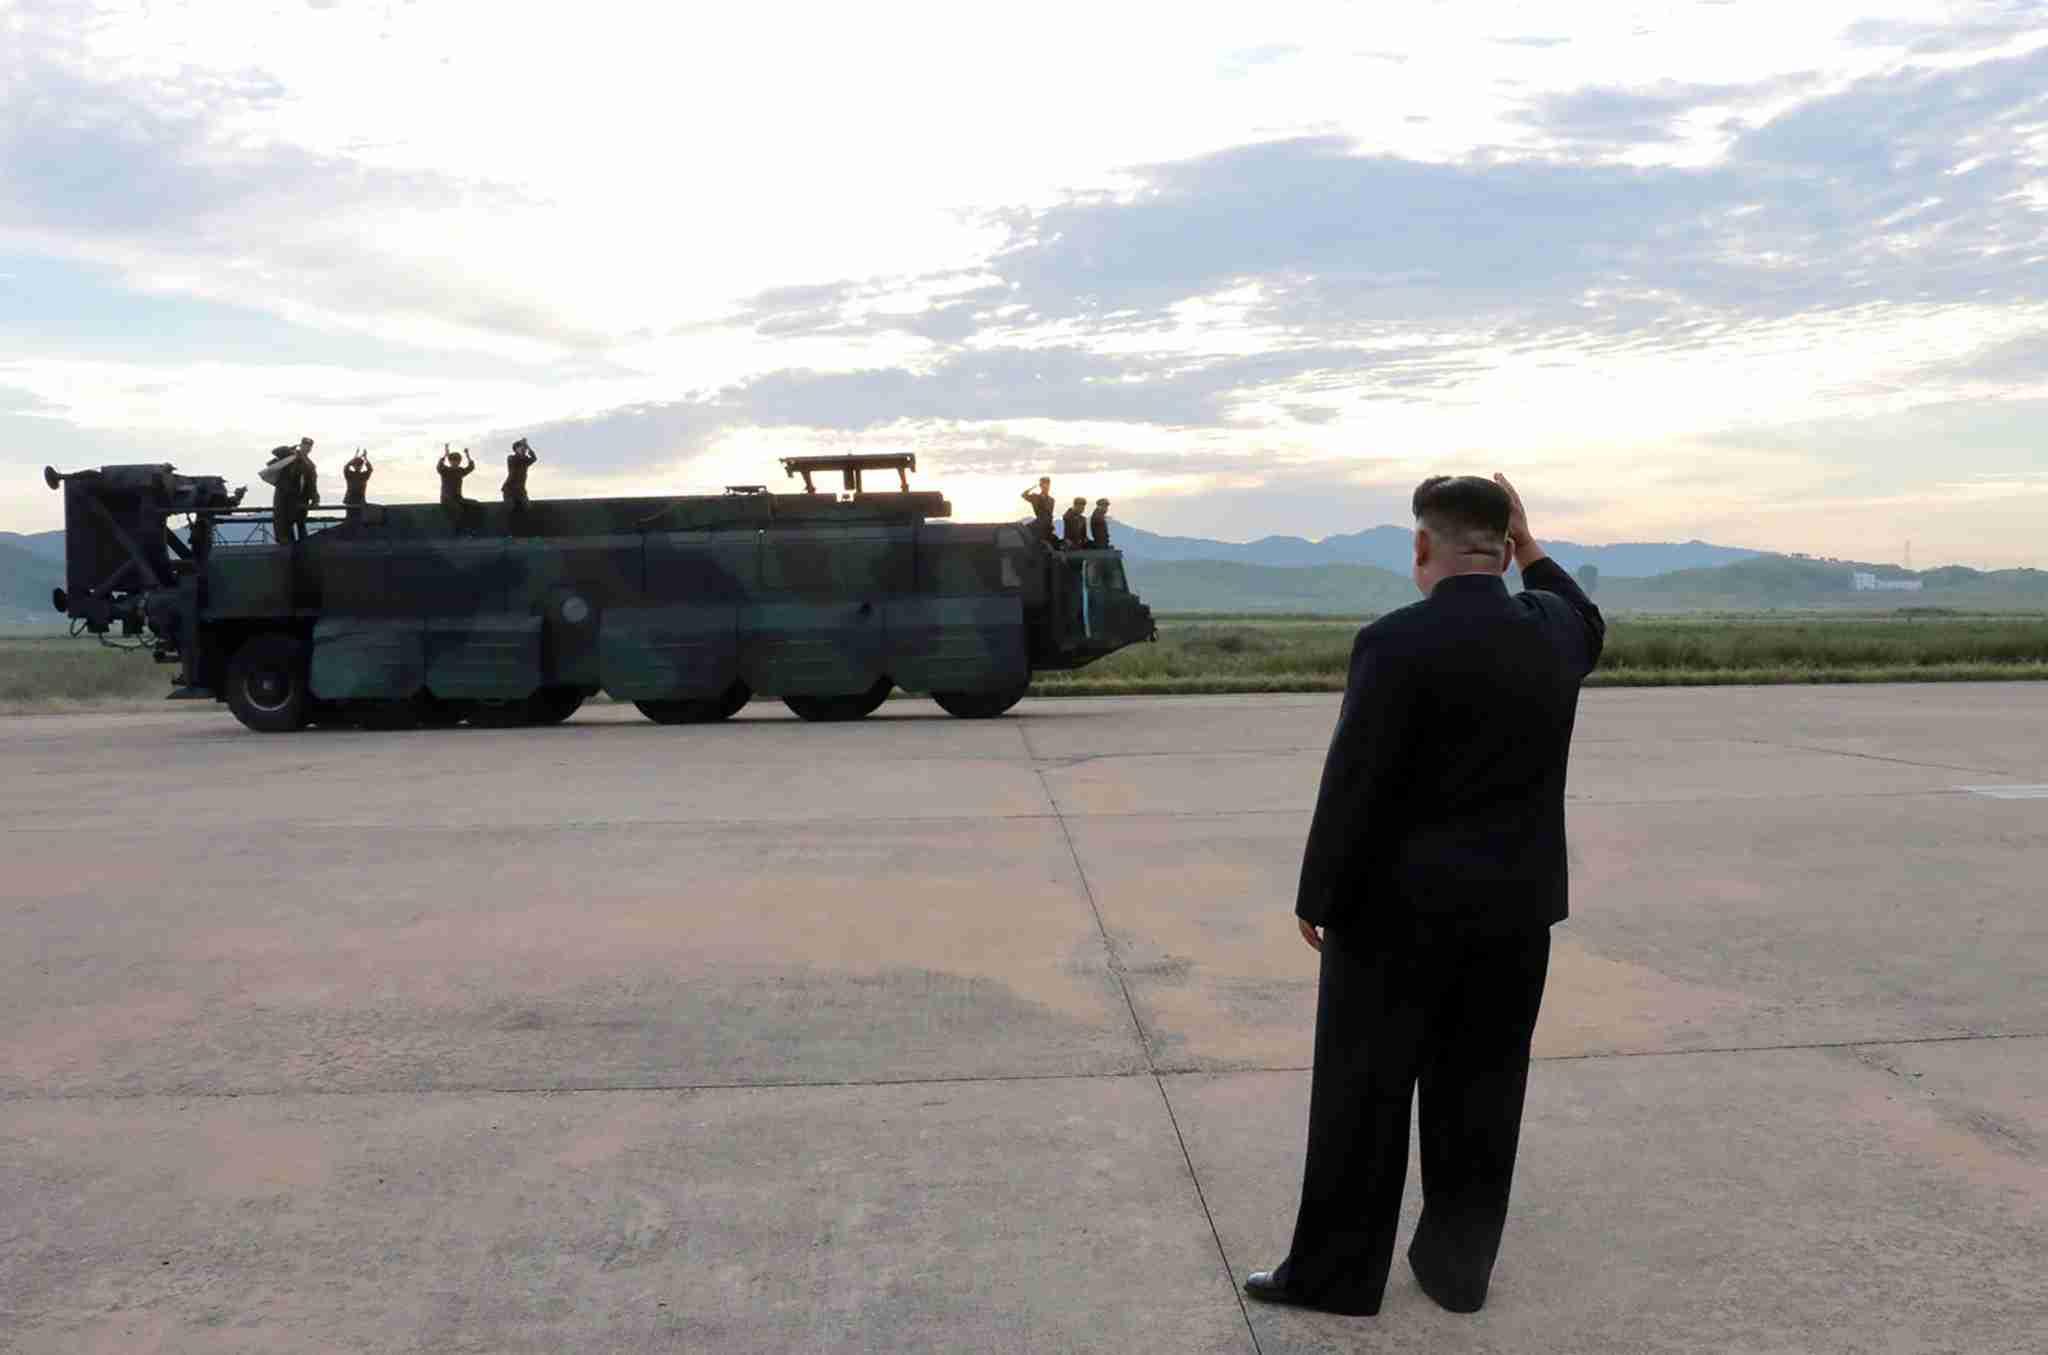 北朝鮮、弾道ミサイル発射準備か 米韓軍事演習控え 報道 (AFP=時事) - Yahoo!ニュース